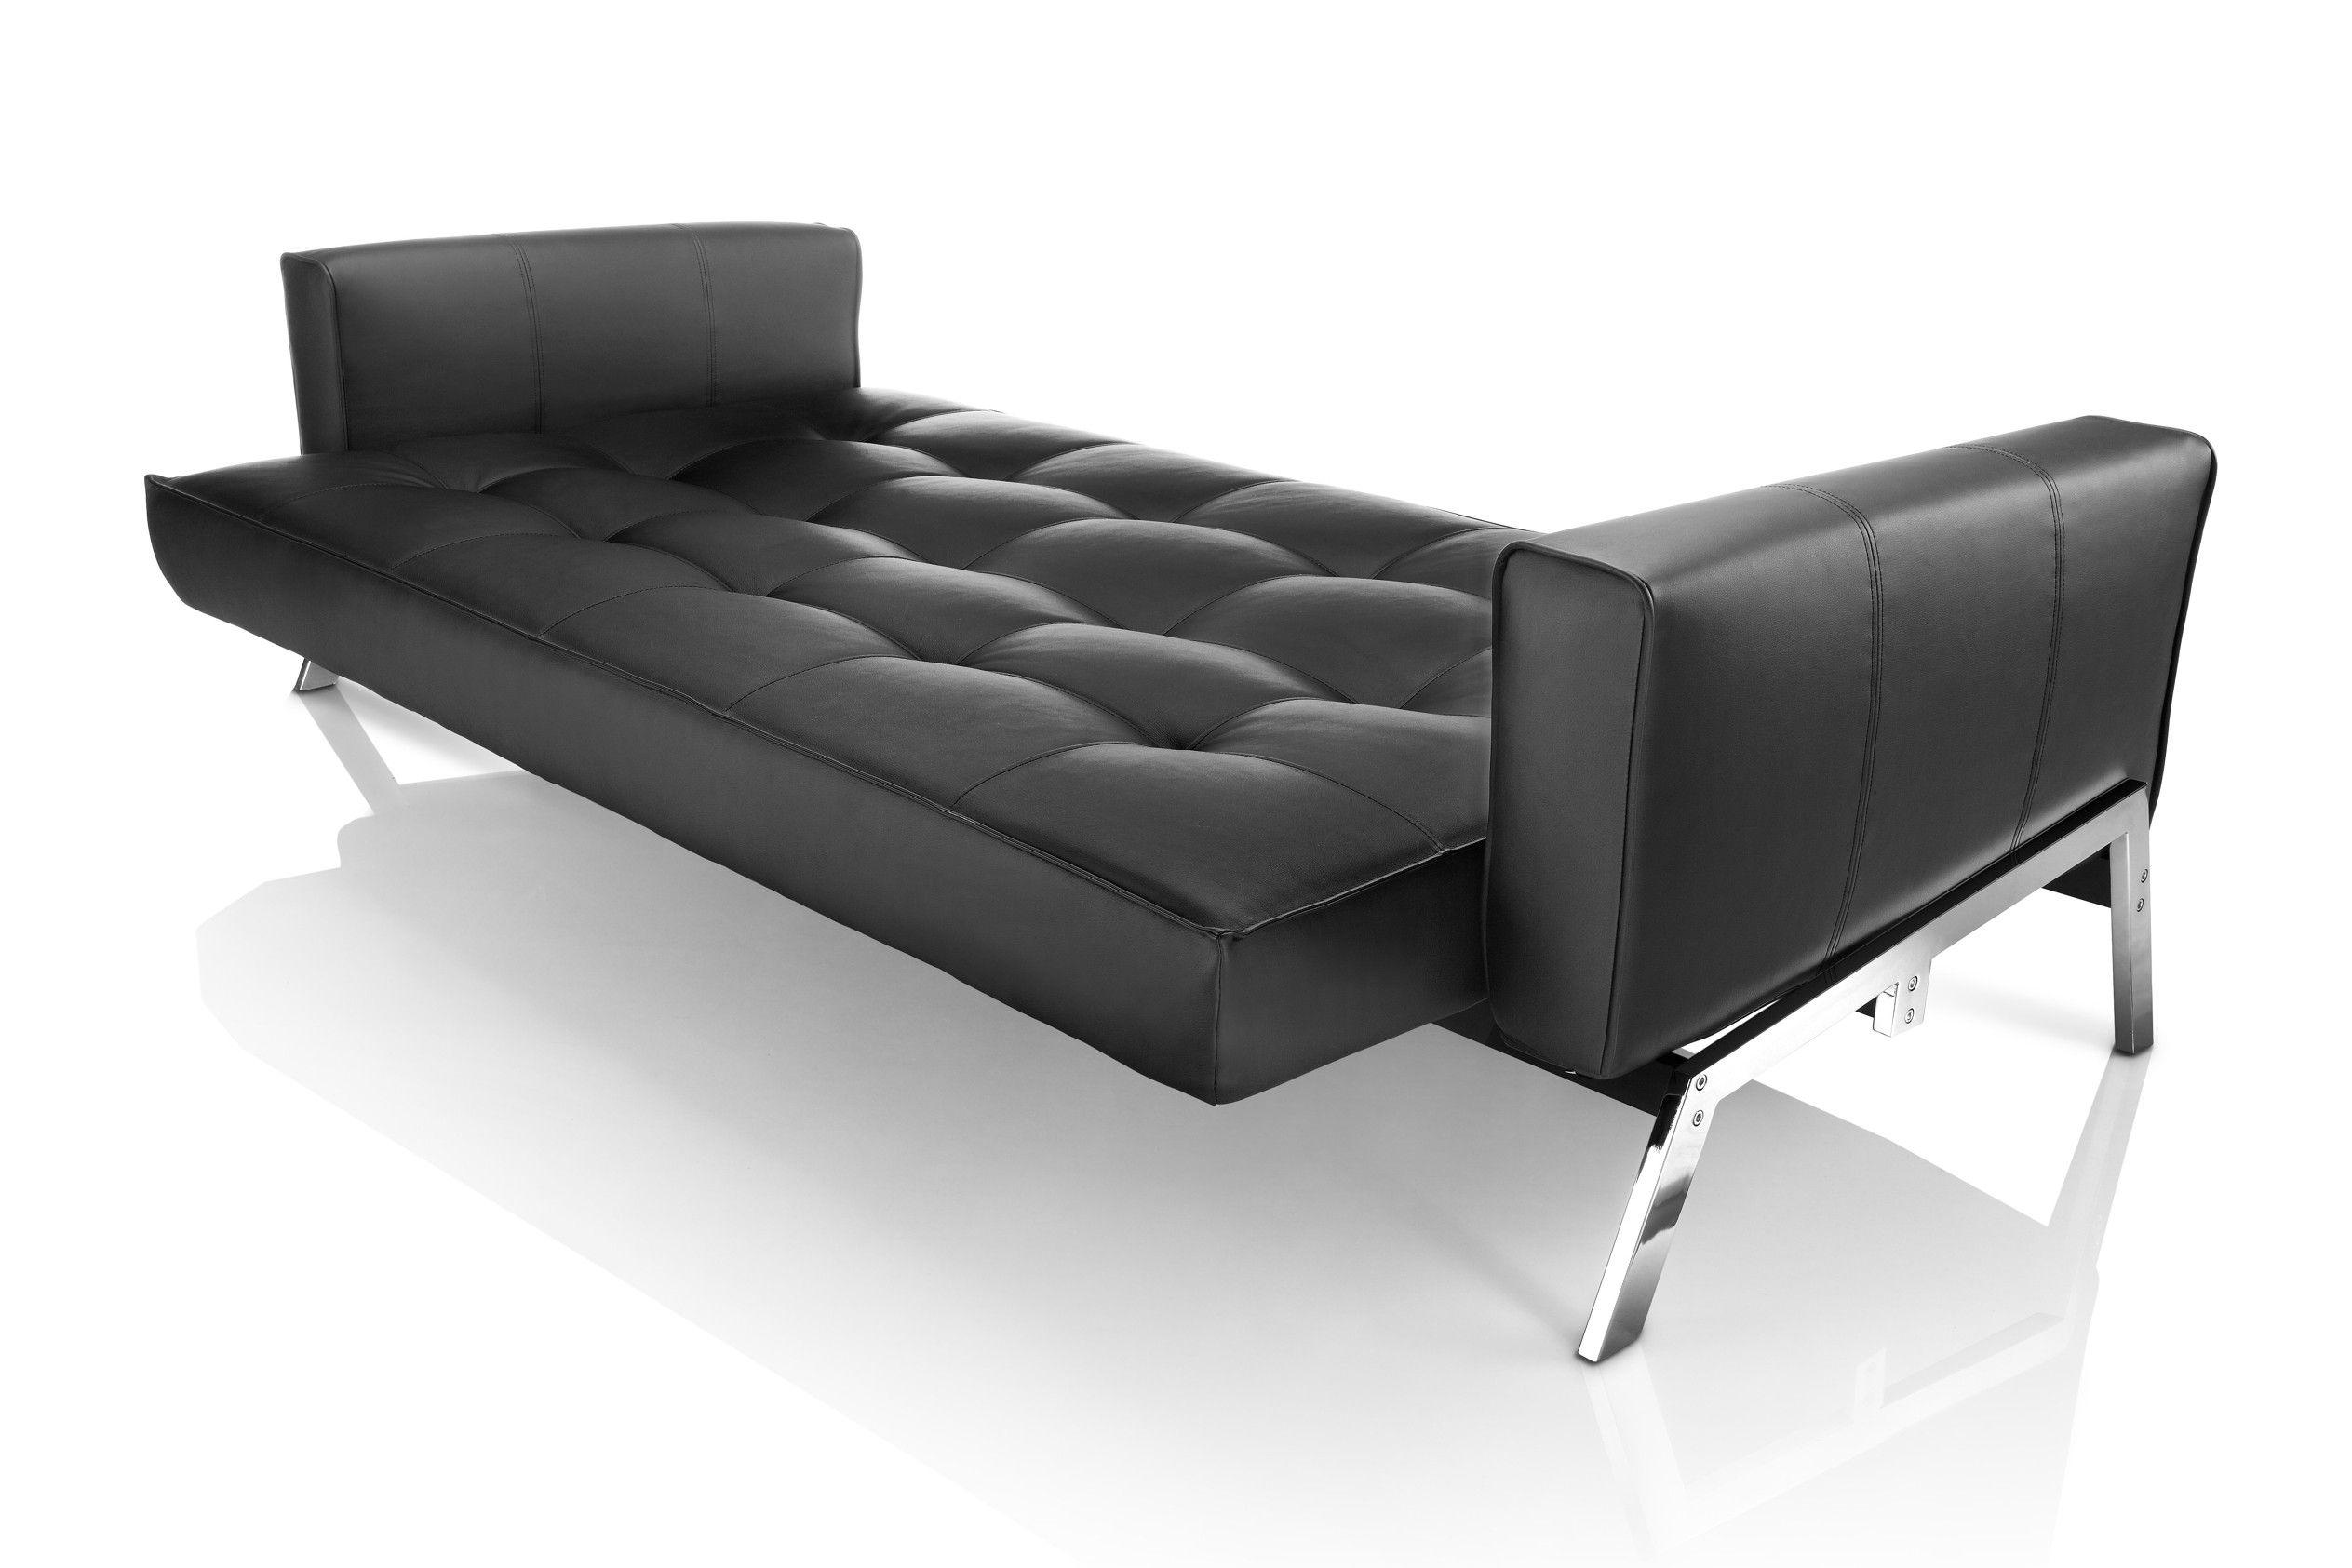 Fabelhaft Schones Sofa Betten Schreibtisch Zweisitzer Und Sofas Zweisitzer Handelt Ist Eine Contemporary Sofa Bed Modern Sofa Sectional Contemporary Sofa